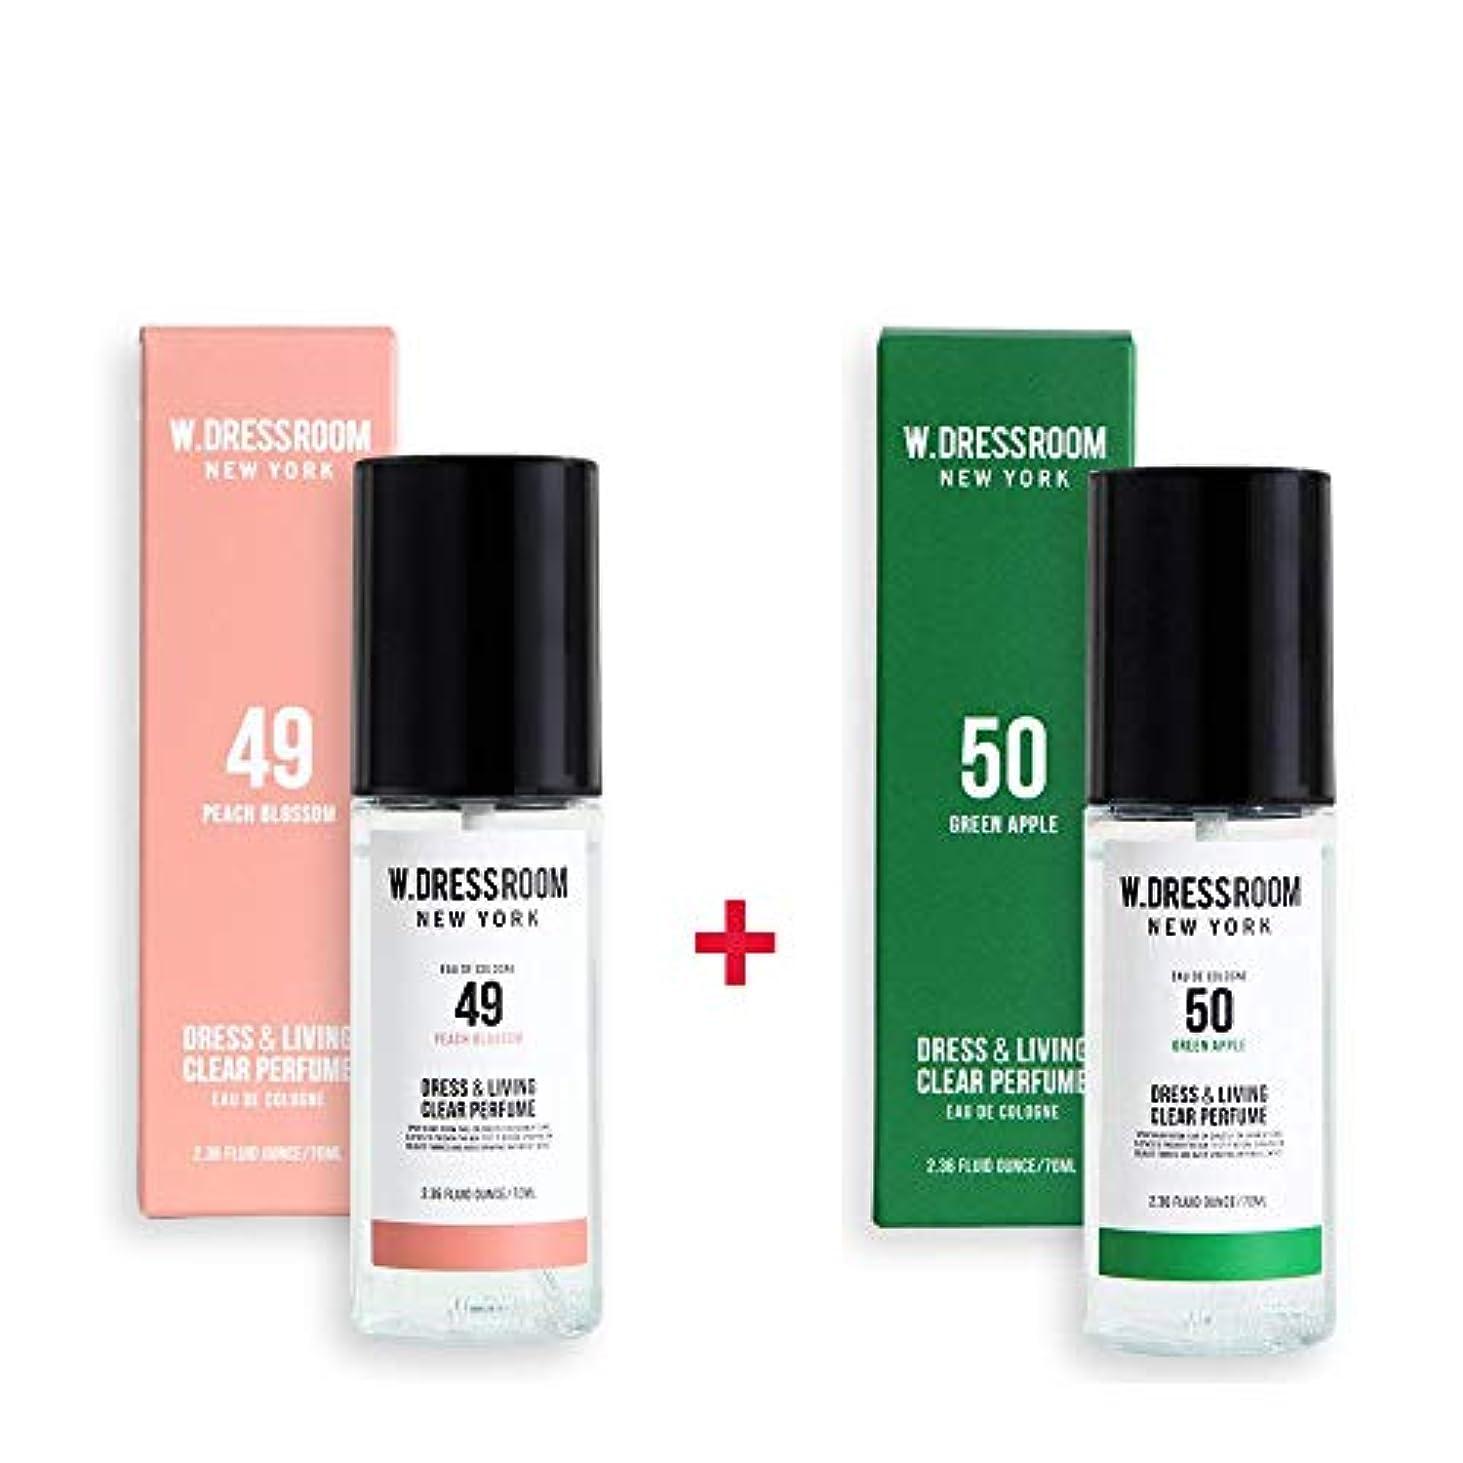 花嫁談話英語の授業がありますW.DRESSROOM Dress & Living Clear Perfume 70ml (No 49 Peach Blossom)+(No 50 Green Apple)